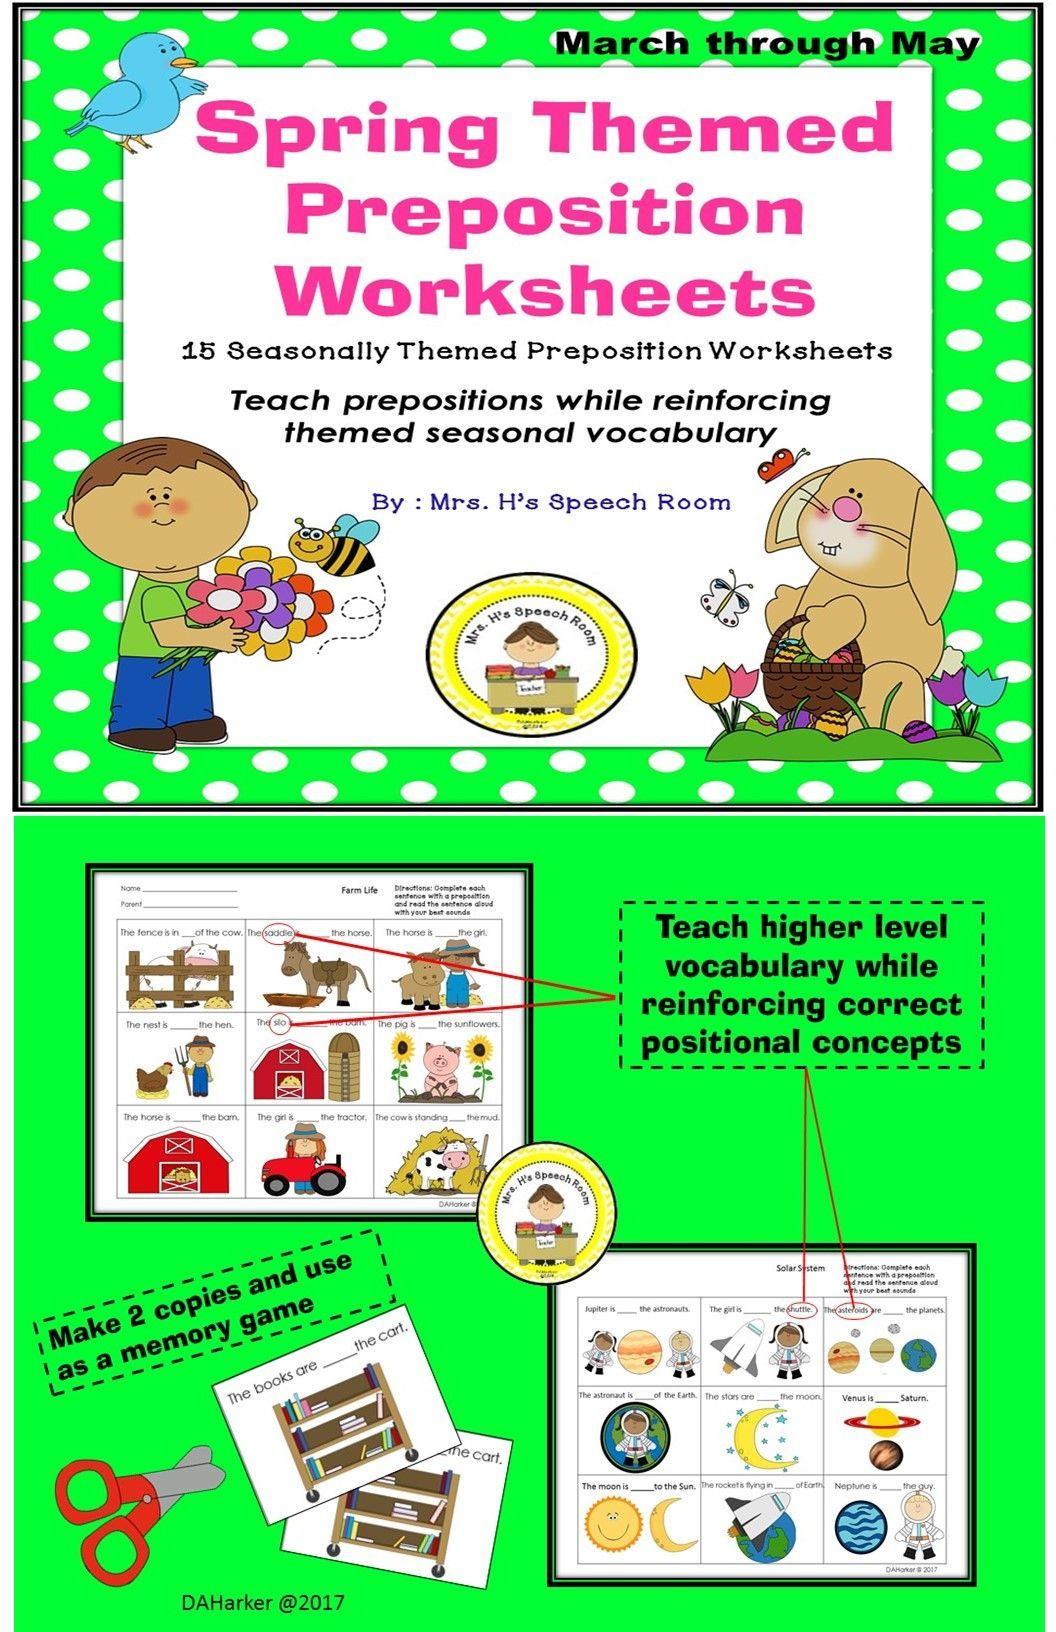 16 Best Higher Worksheets Images On Best Worksheets Collection